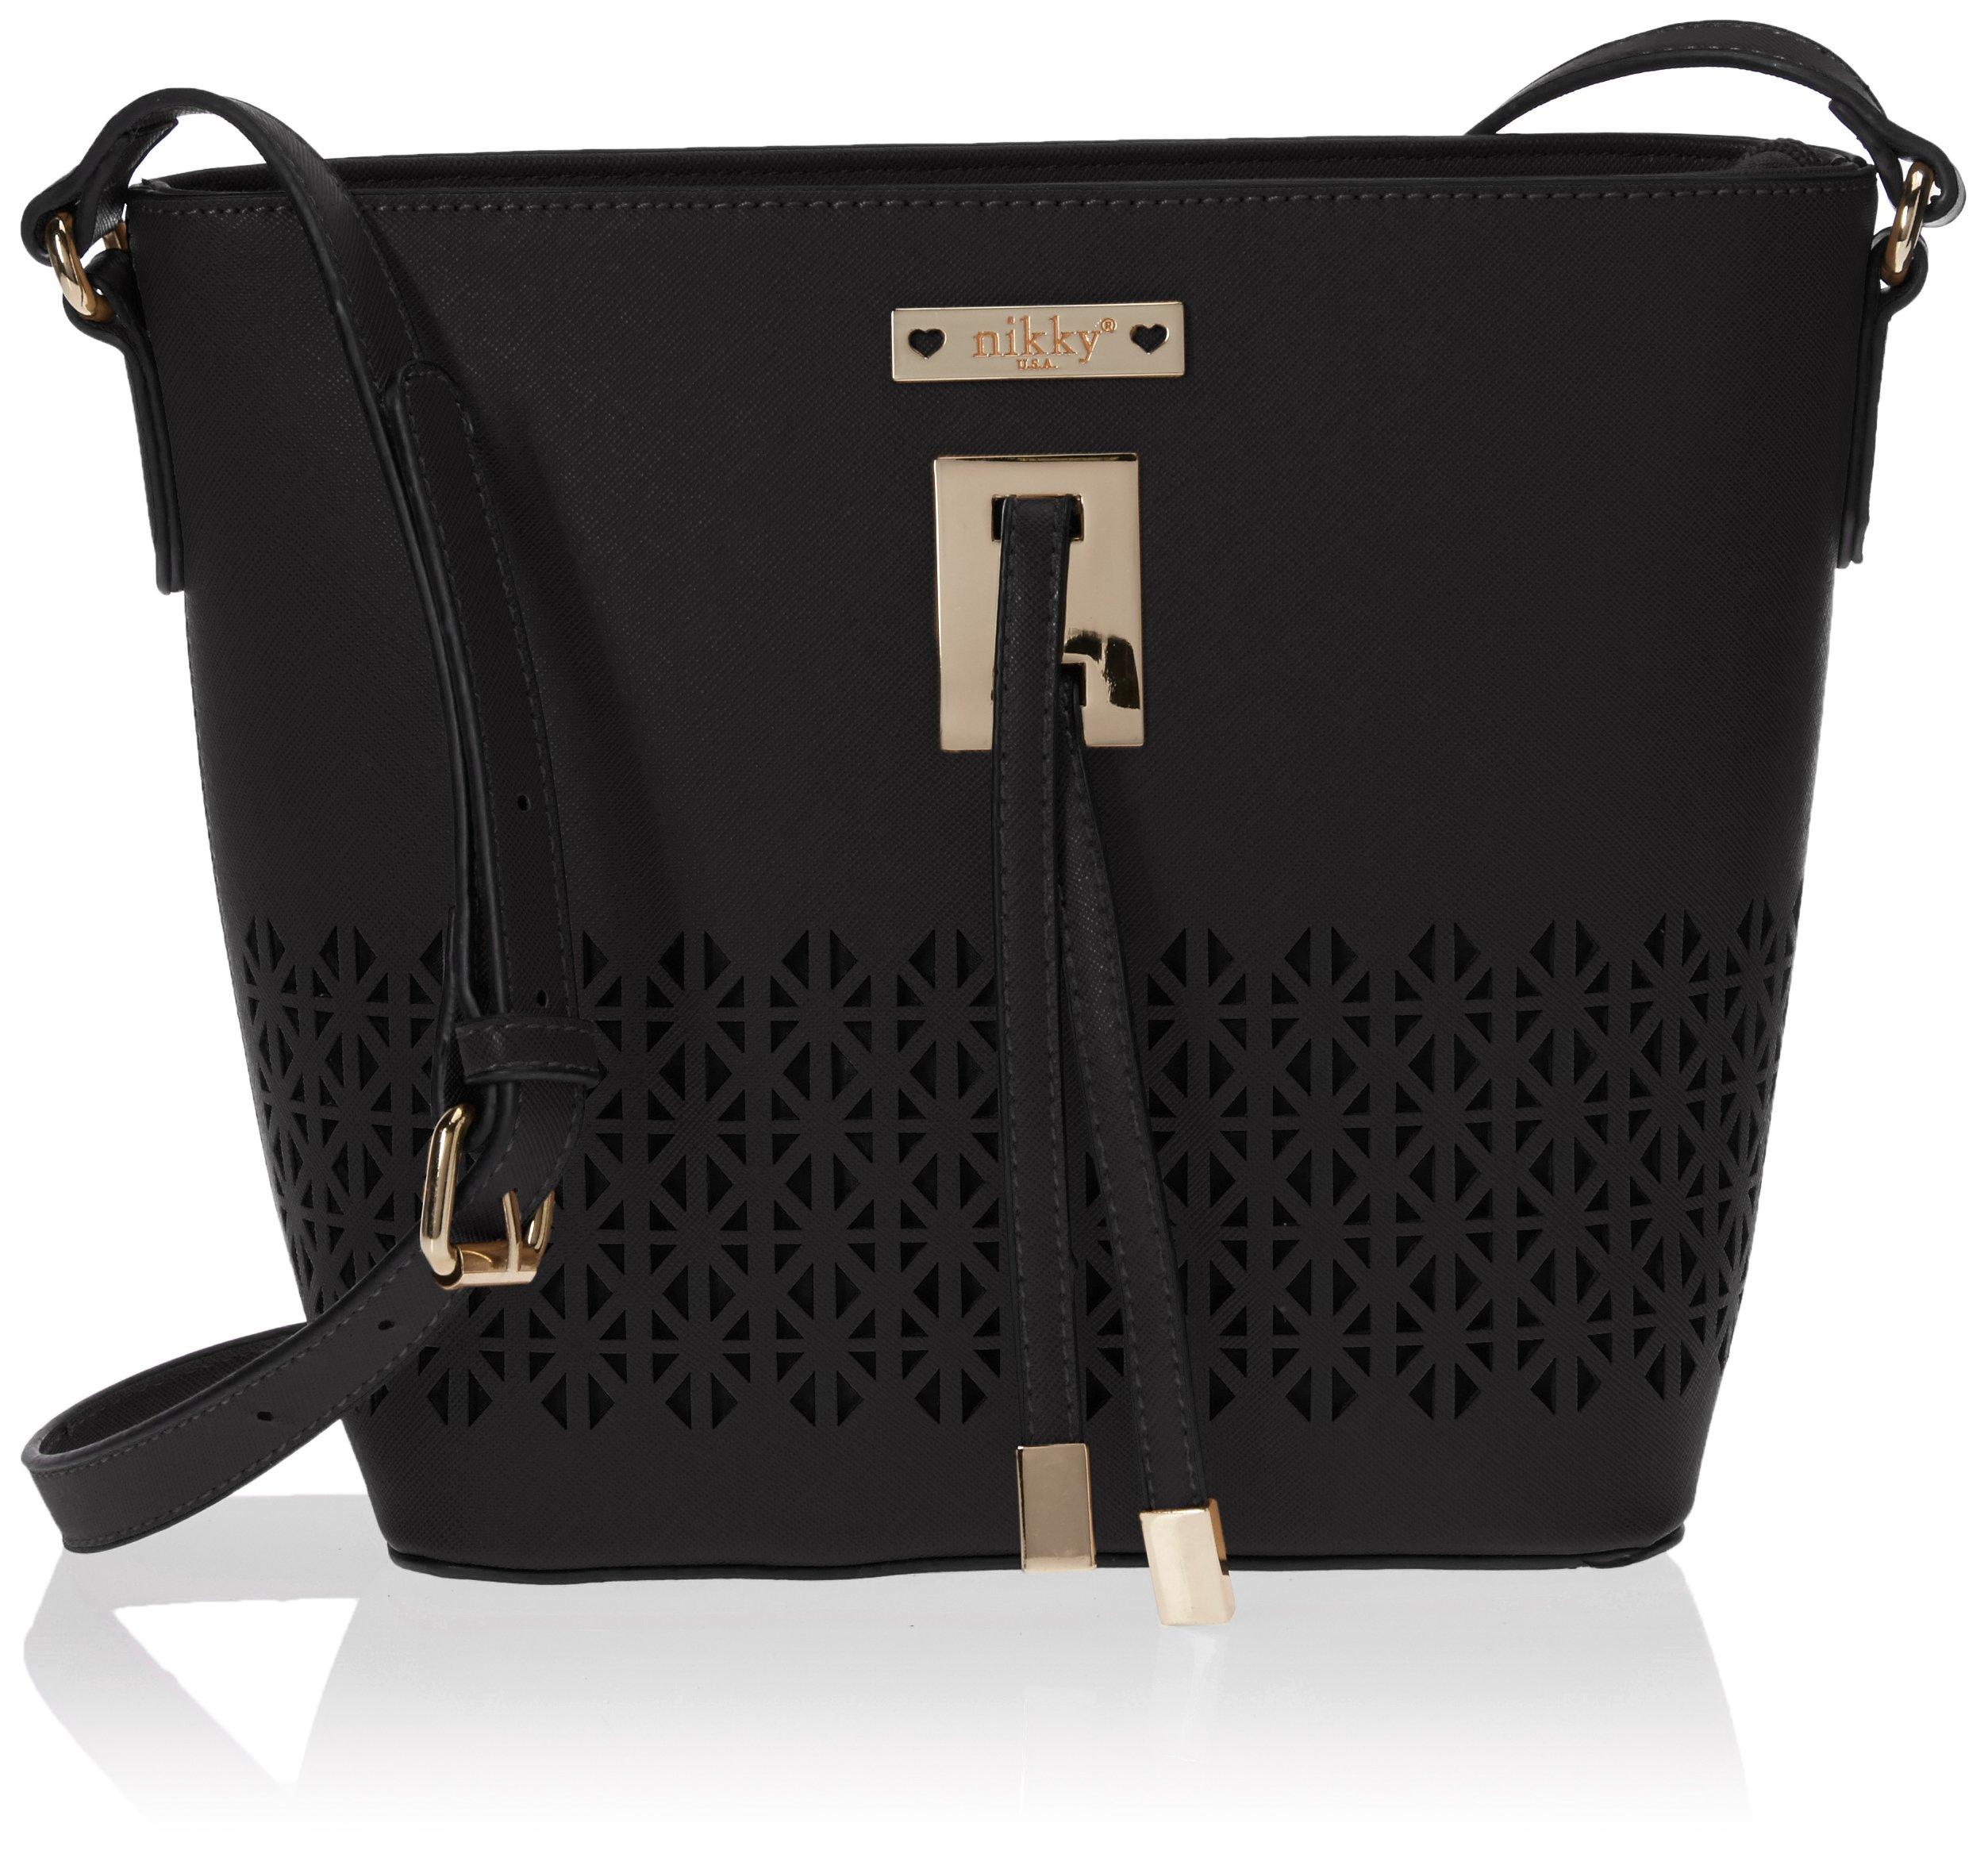 Nikky Women's Laser Cut Crossbody Cross Body Bag, Black, One Size